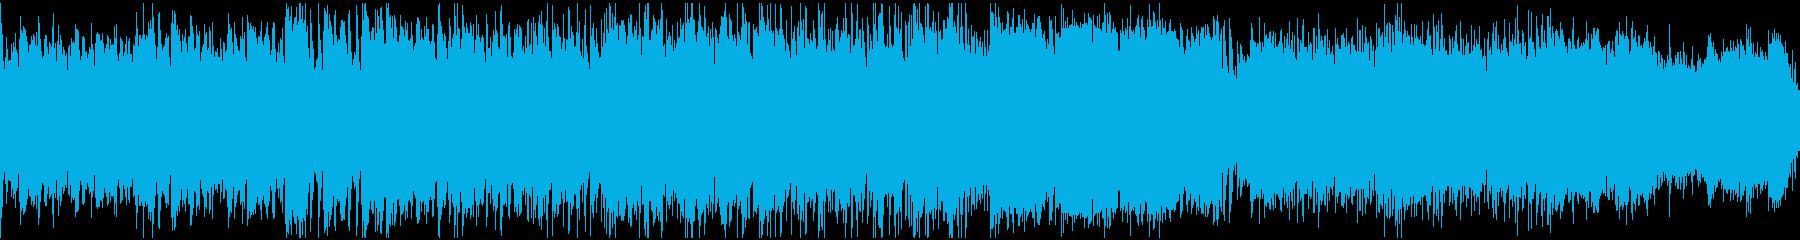 寂しげなフォーク曲(ループ)の再生済みの波形